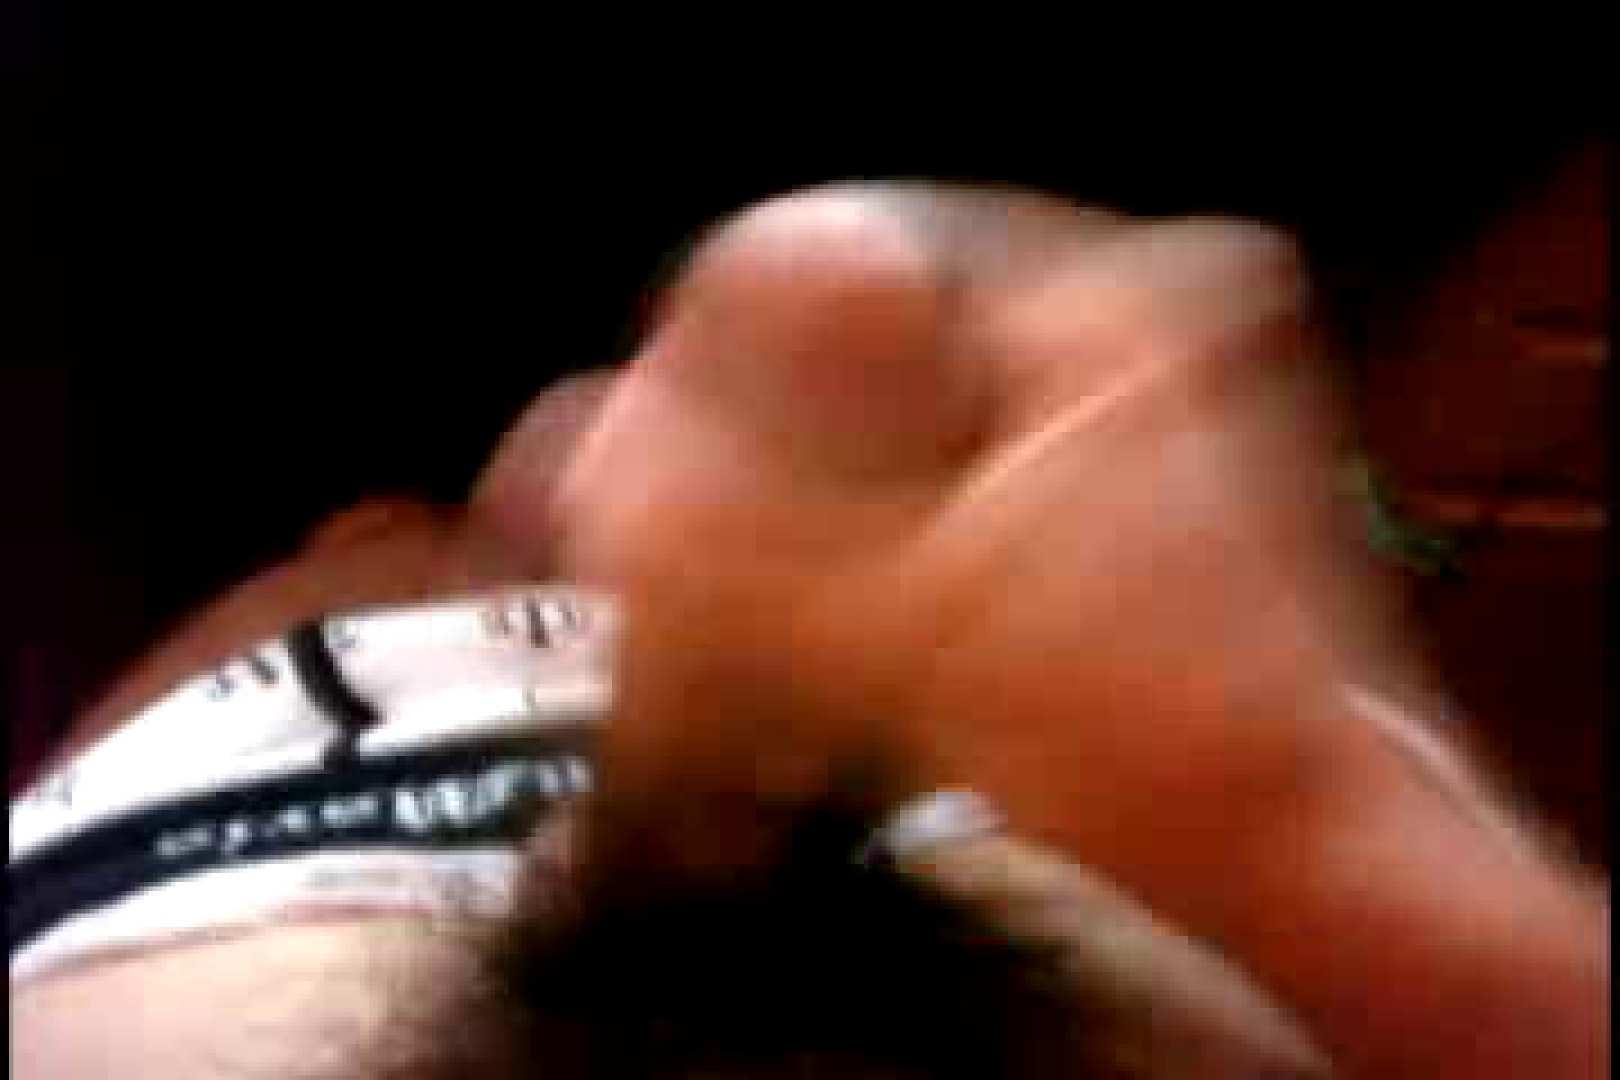 オナ好きノンケテニス部員の自画撮り投稿vol.04 オナニー アダルトビデオ画像キャプチャ 102pic